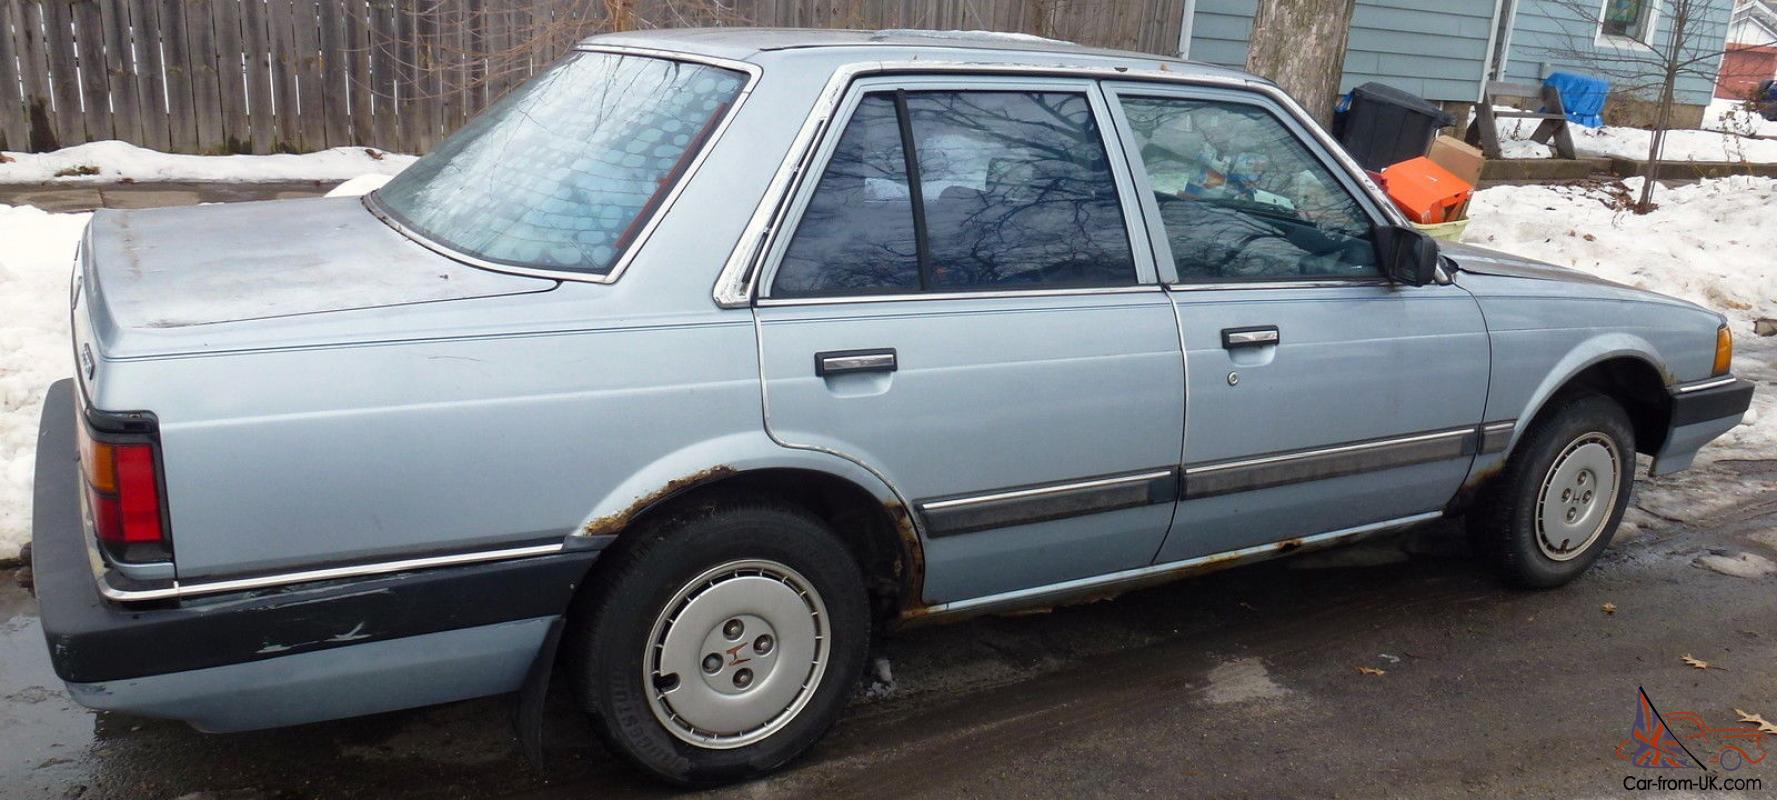 Honda Accord 1984 4 Door Light Blue Runs